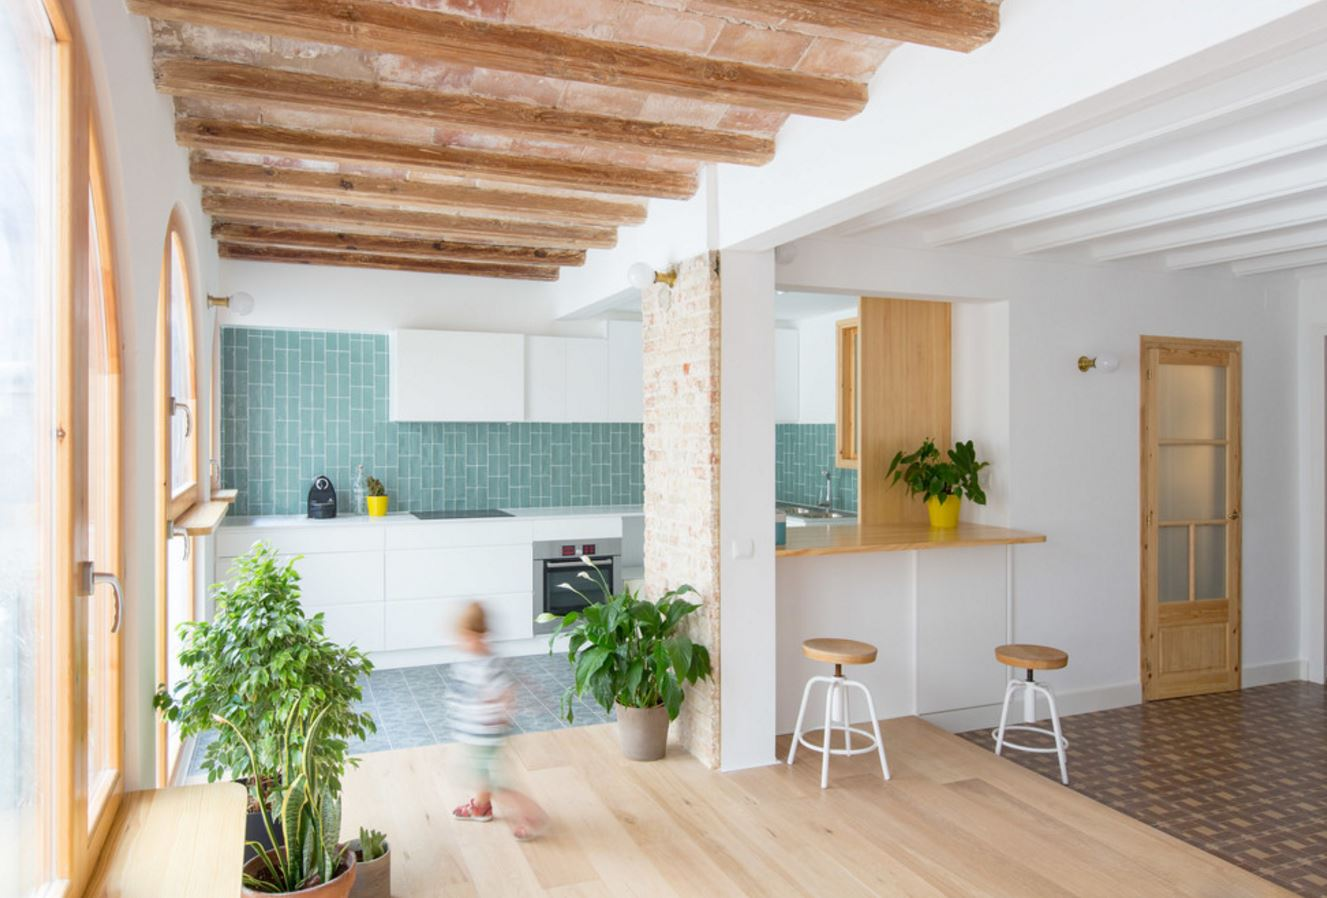 ideas de decoracin claves para hacer la reforma perfecta de tu casa